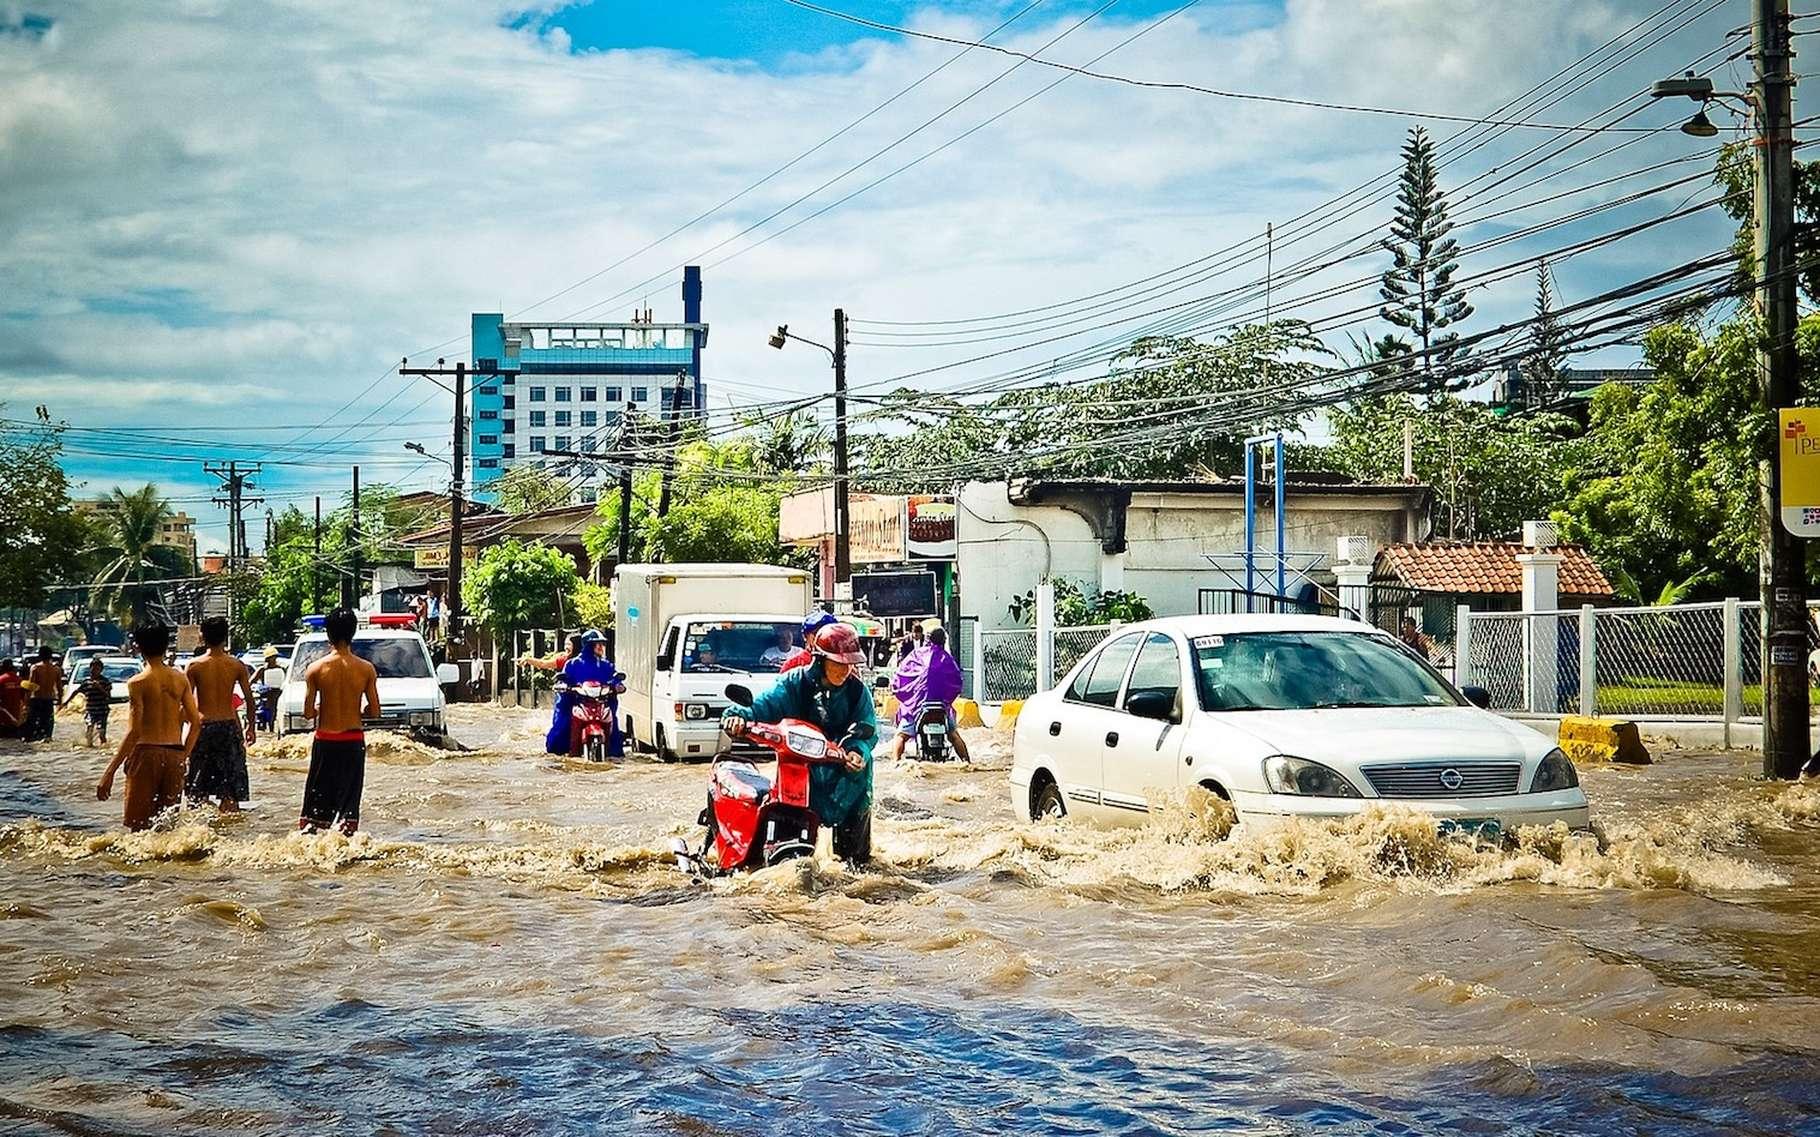 La plupart des victimes d'inondations se situent en Asie (95 %). En 2008, au Vietnam, une catastrophe naturelle de ce type avait fait une centaine de morts. © j_lloa, Pixabay, CC0 Creative Commons